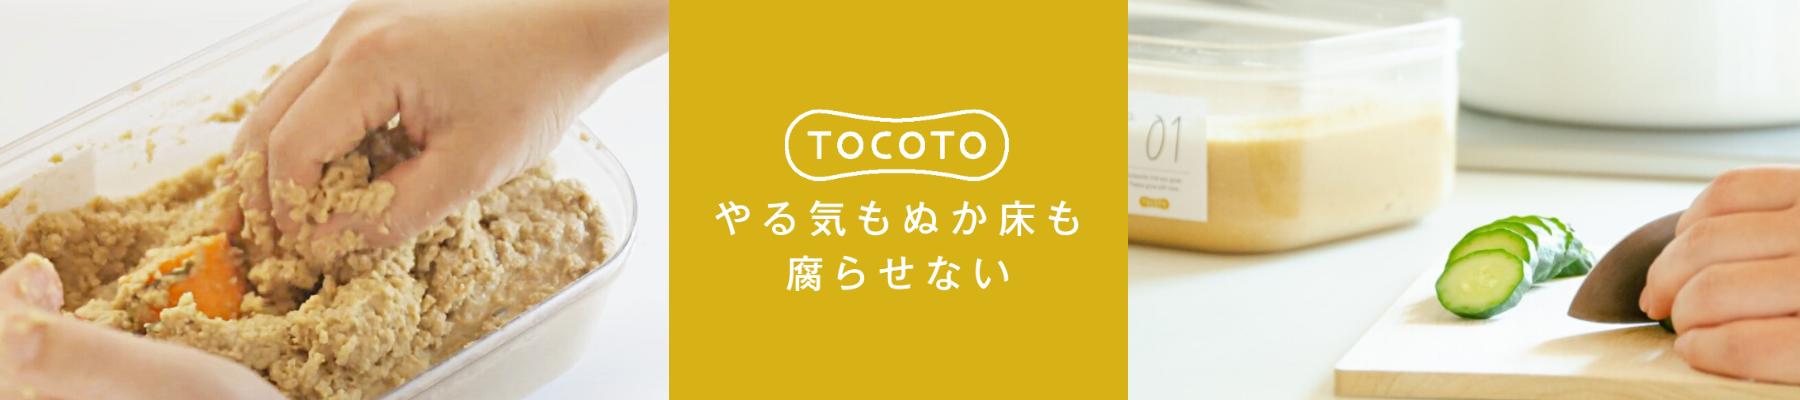 TOCOTO